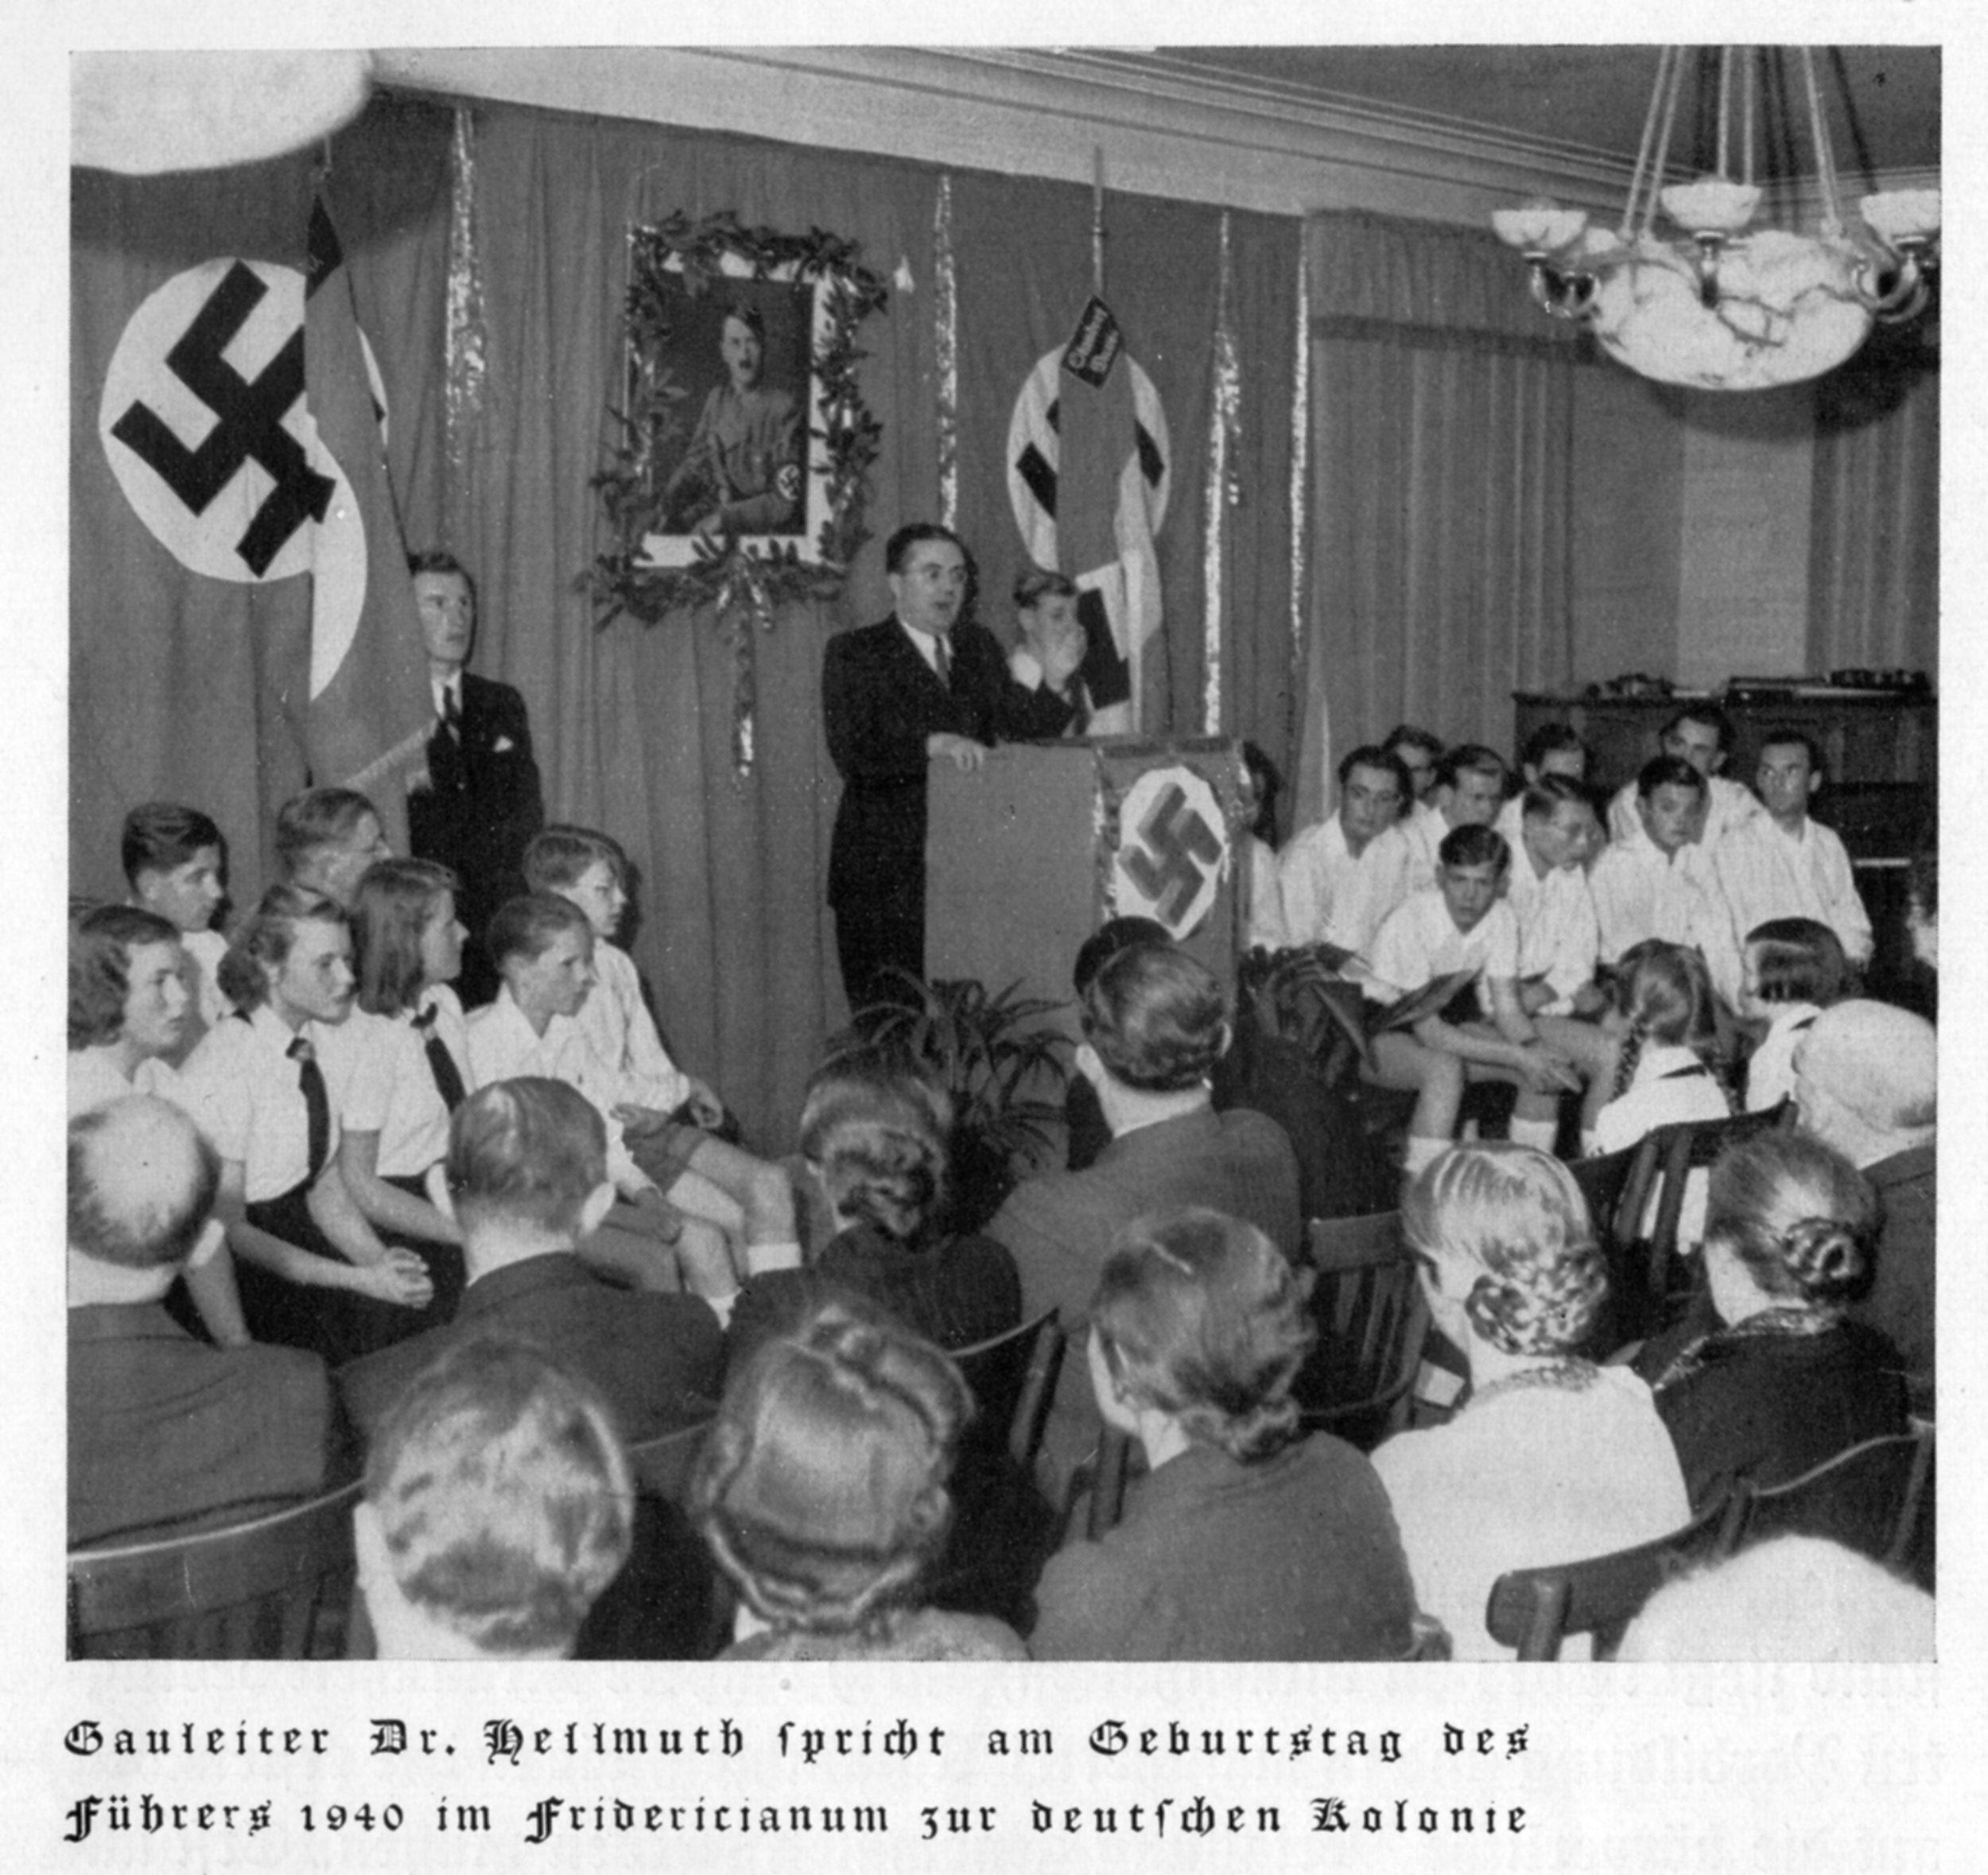 anniversaire.Hitler.gymnase.alld,davos.jpg